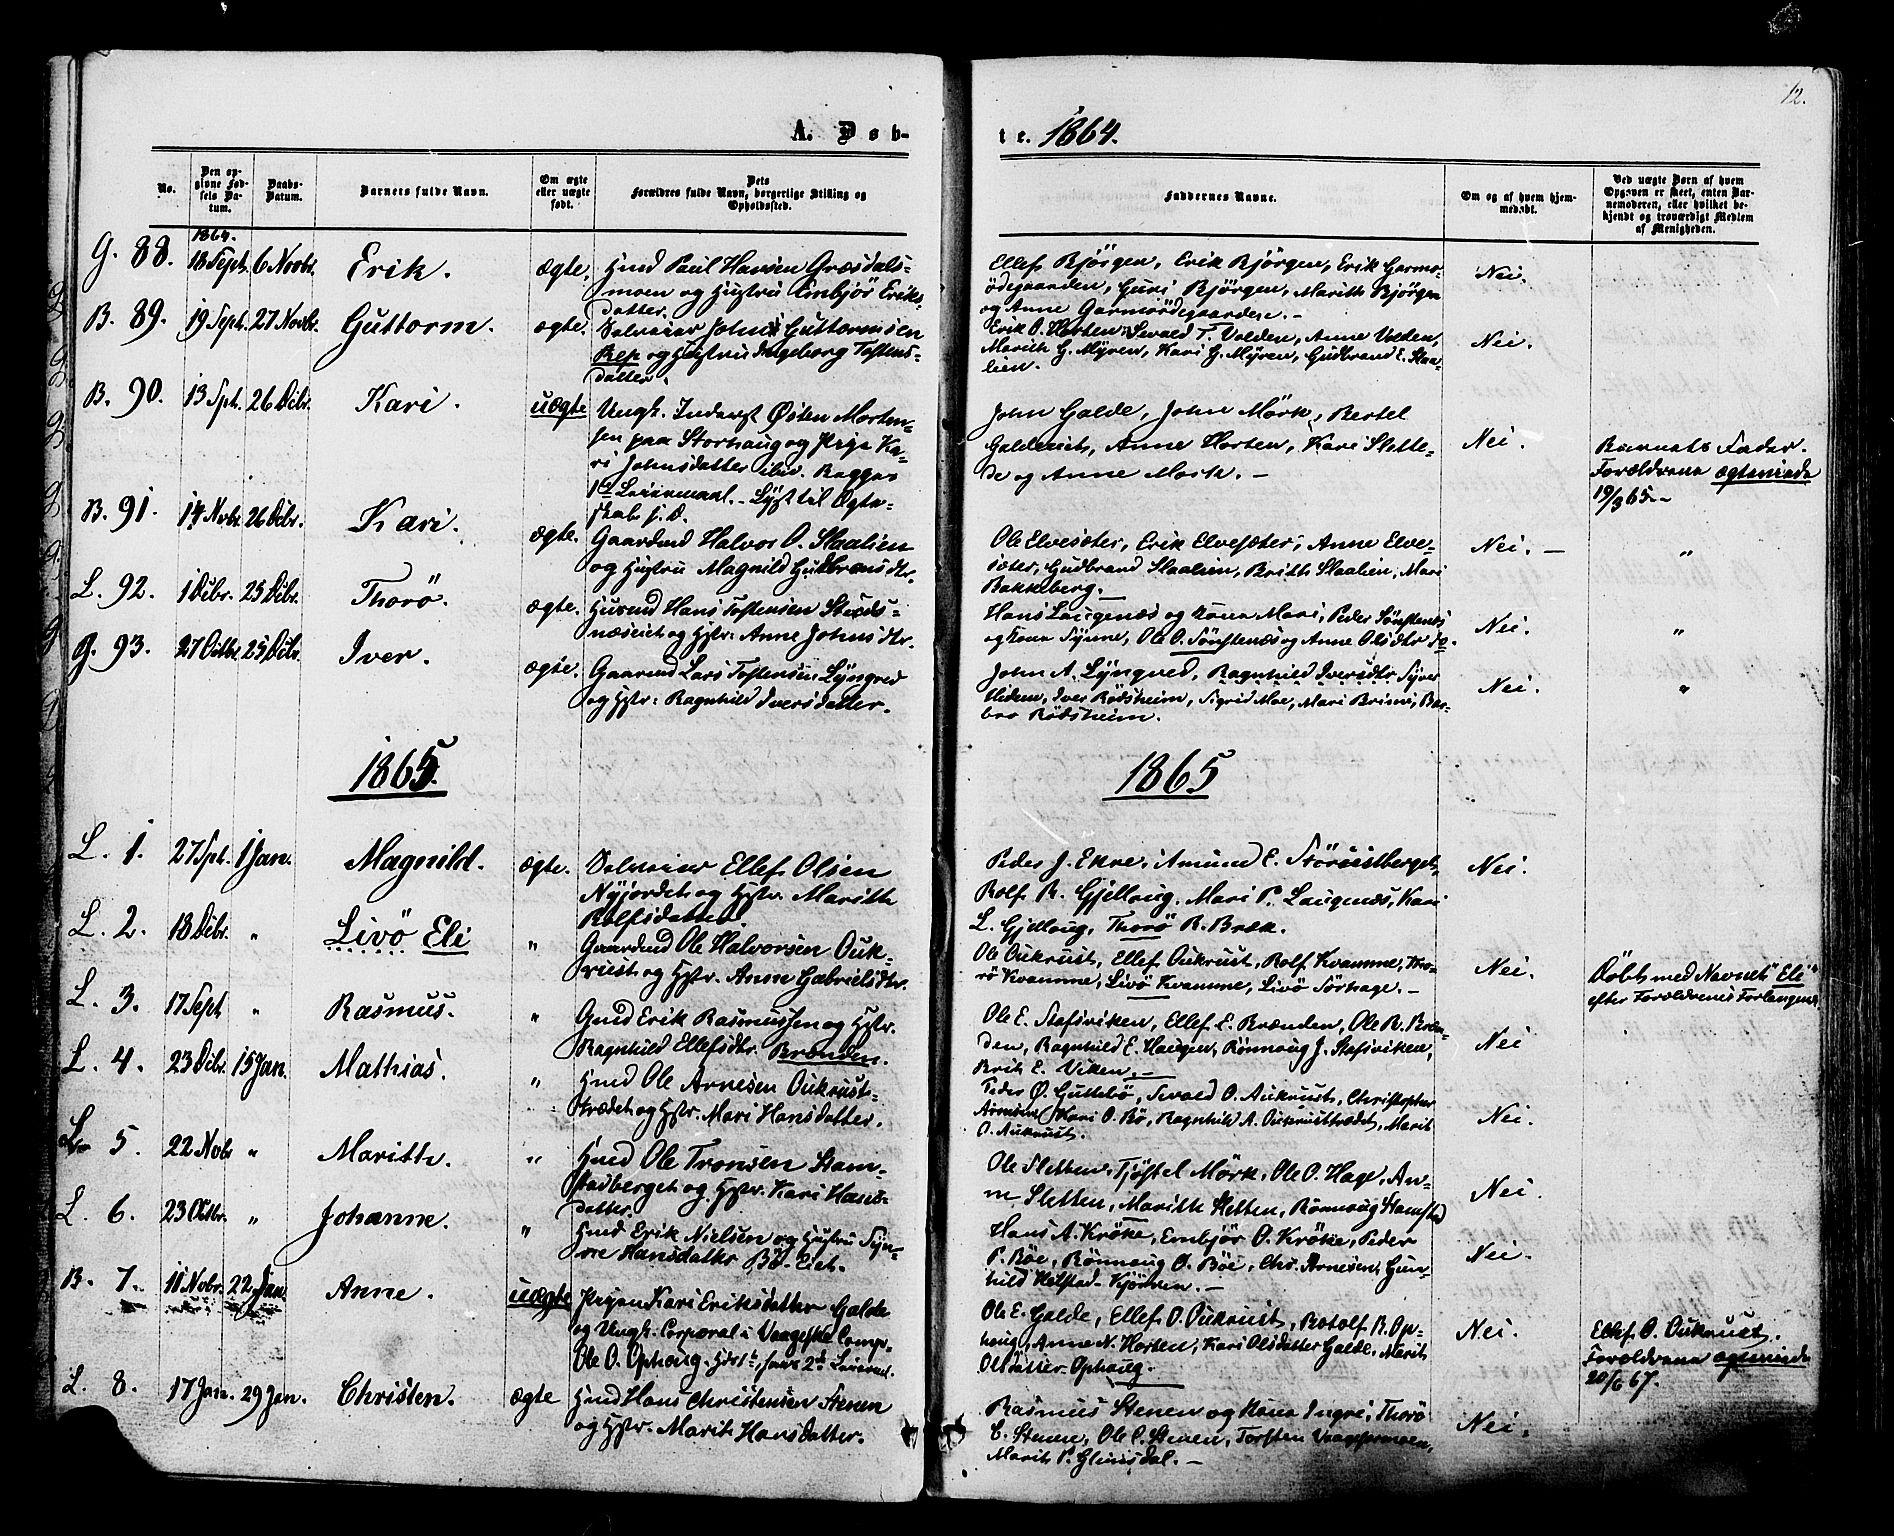 SAH, Lom prestekontor, K/L0007: Ministerialbok nr. 7, 1863-1884, s. 12